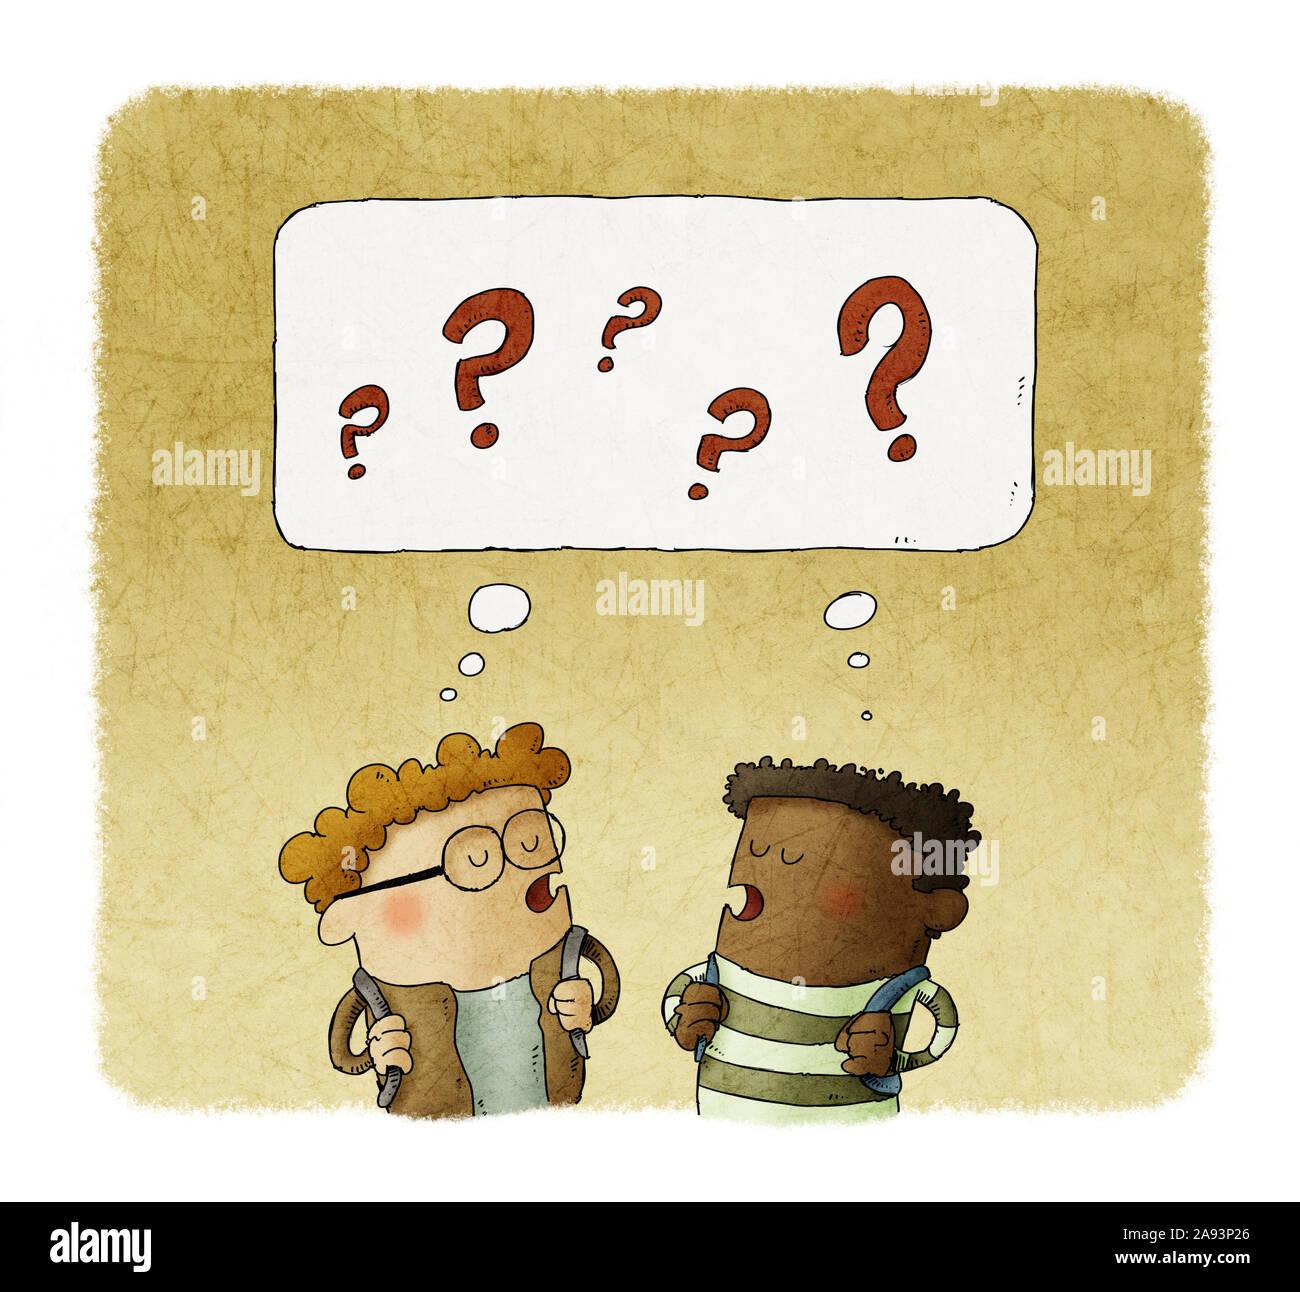 Ilustración de dos niños pequeños el pensamiento con signos de pregunta sobre sus cabezas. Foto de stock